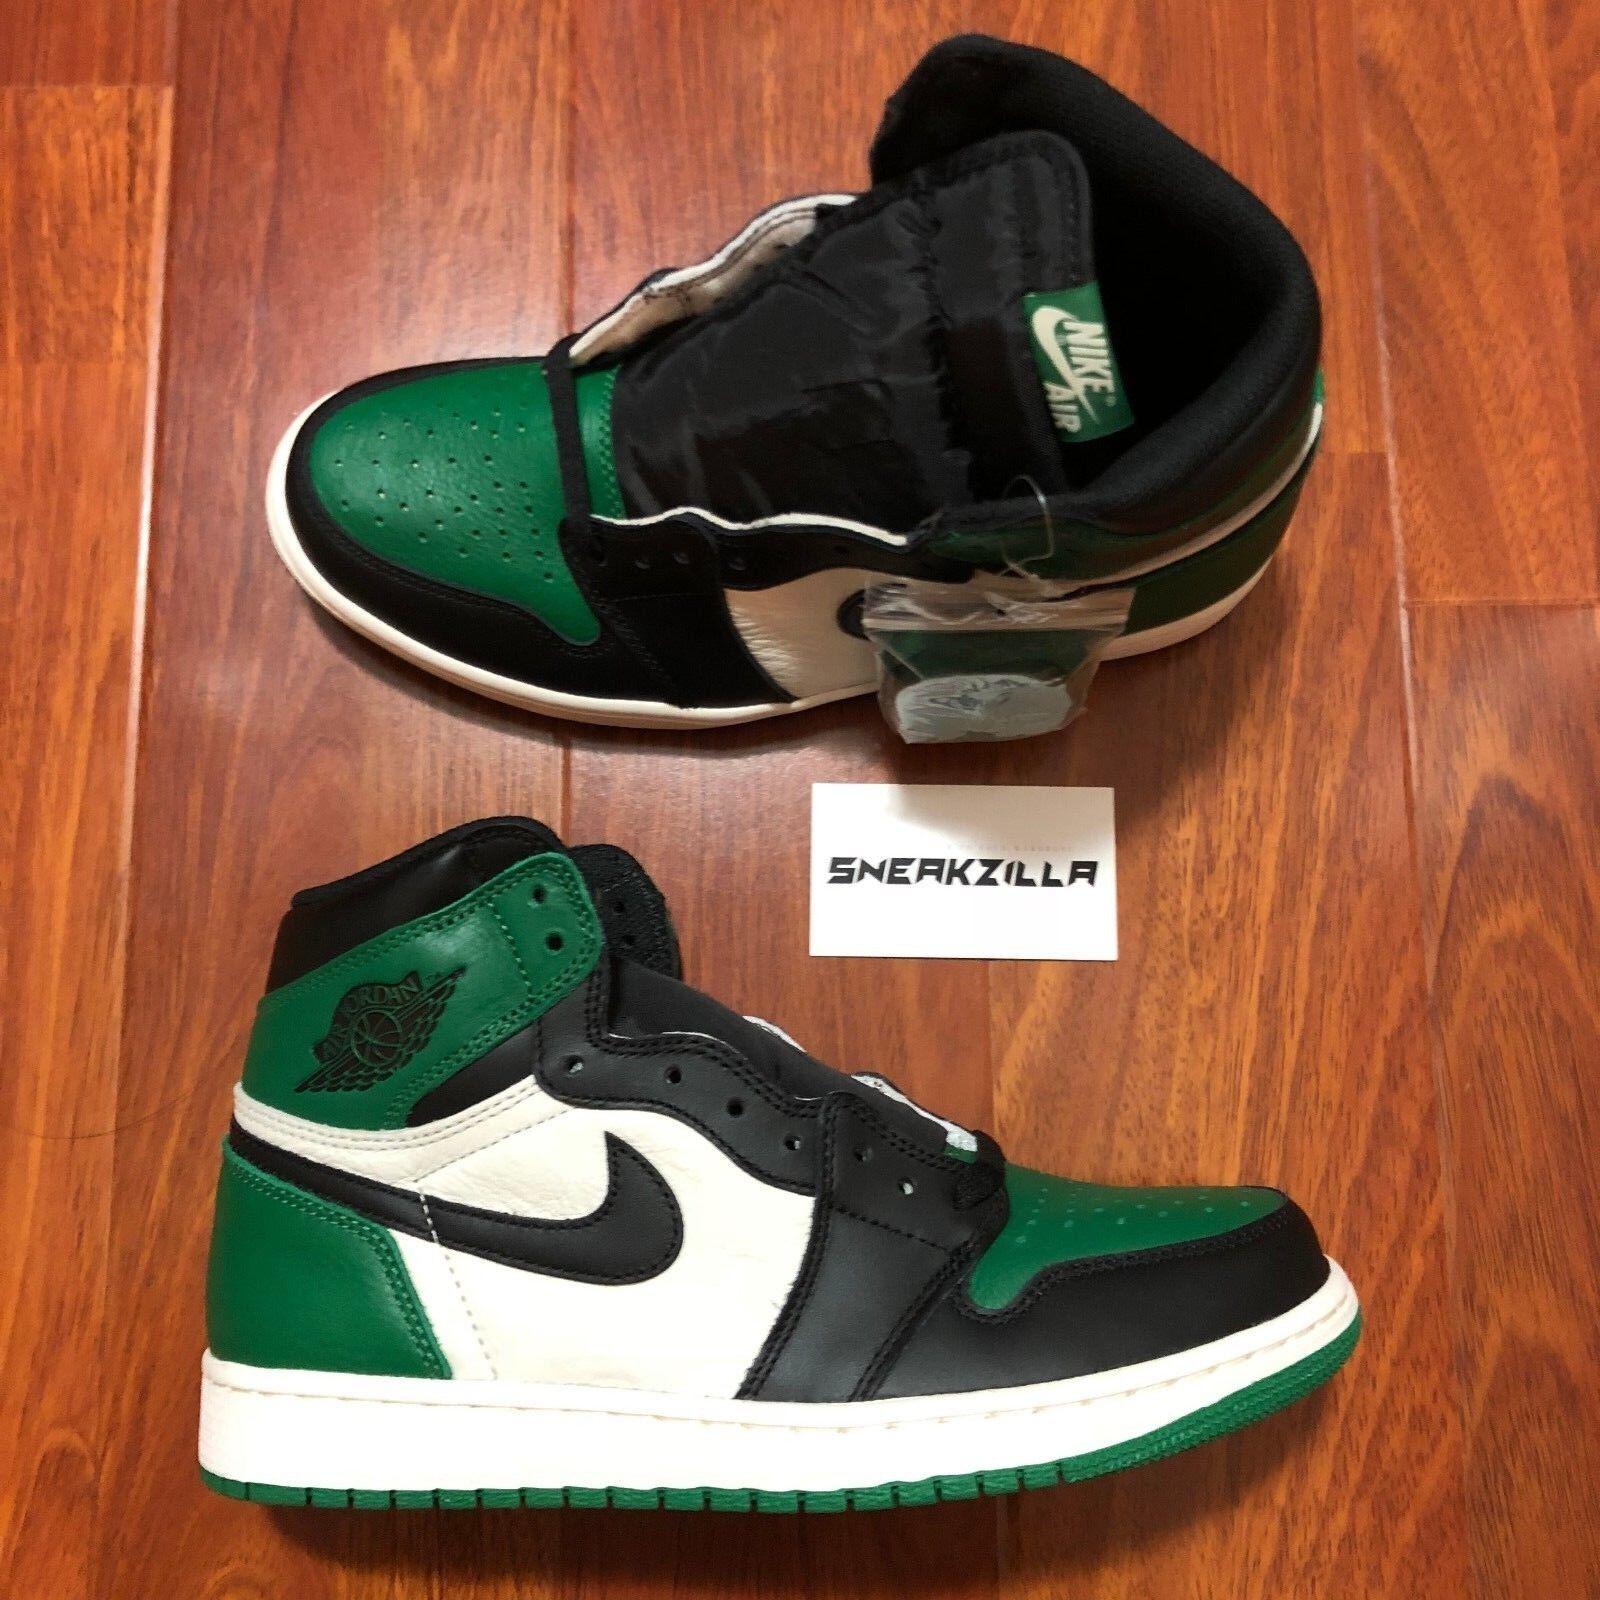 Nike Air Jordan Retro I 1 High OG Pine Green Sail 555088-302 Sz 8-14